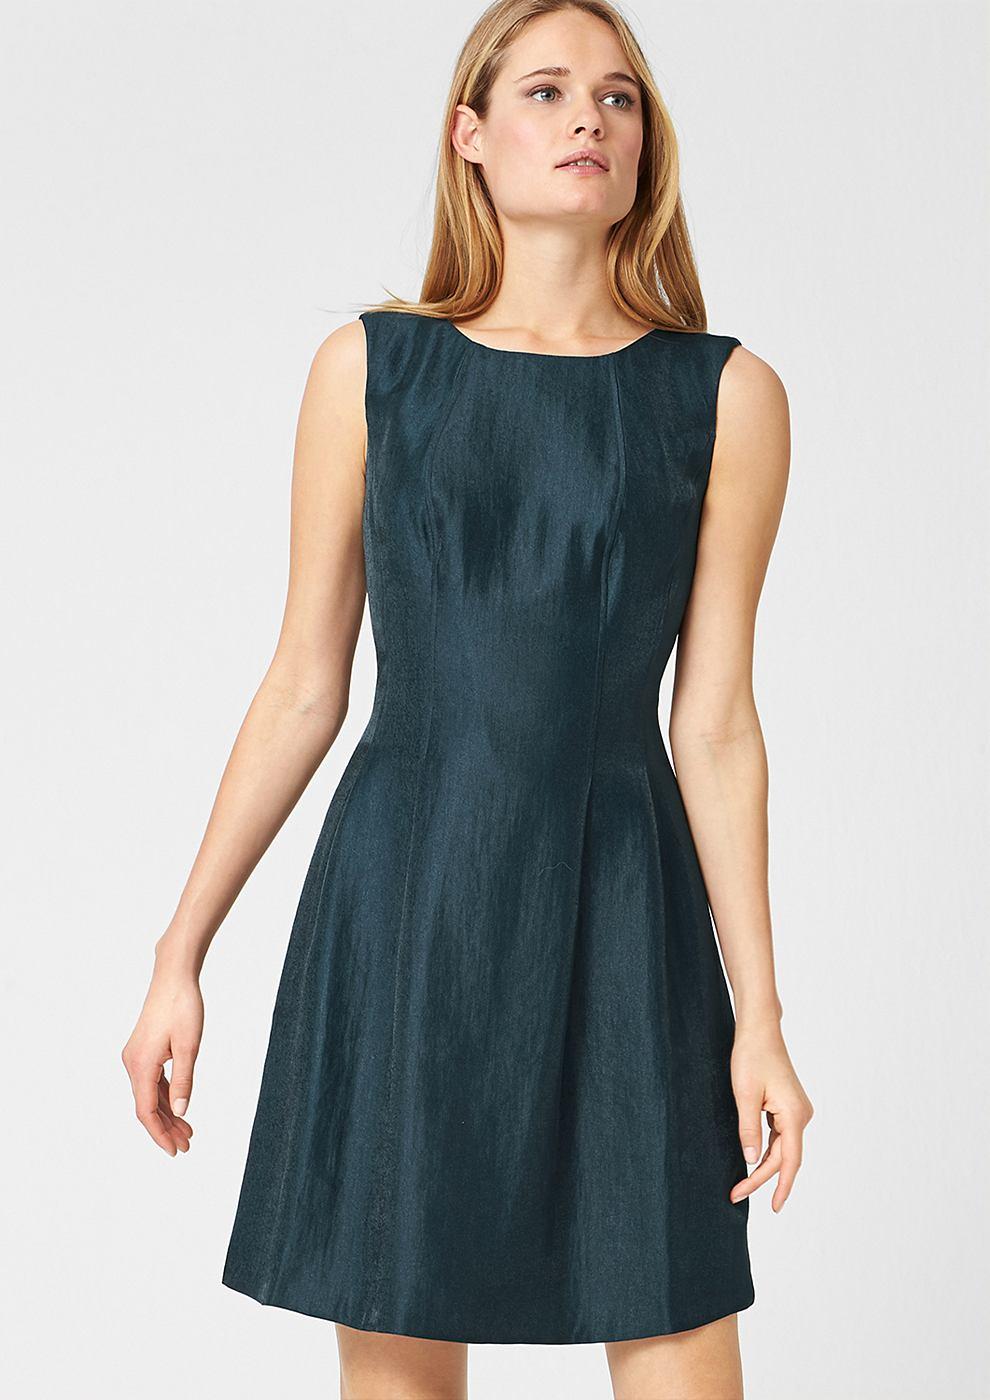 s.Oliver Premium Aansluitende jurk met een glanzend effect bruin